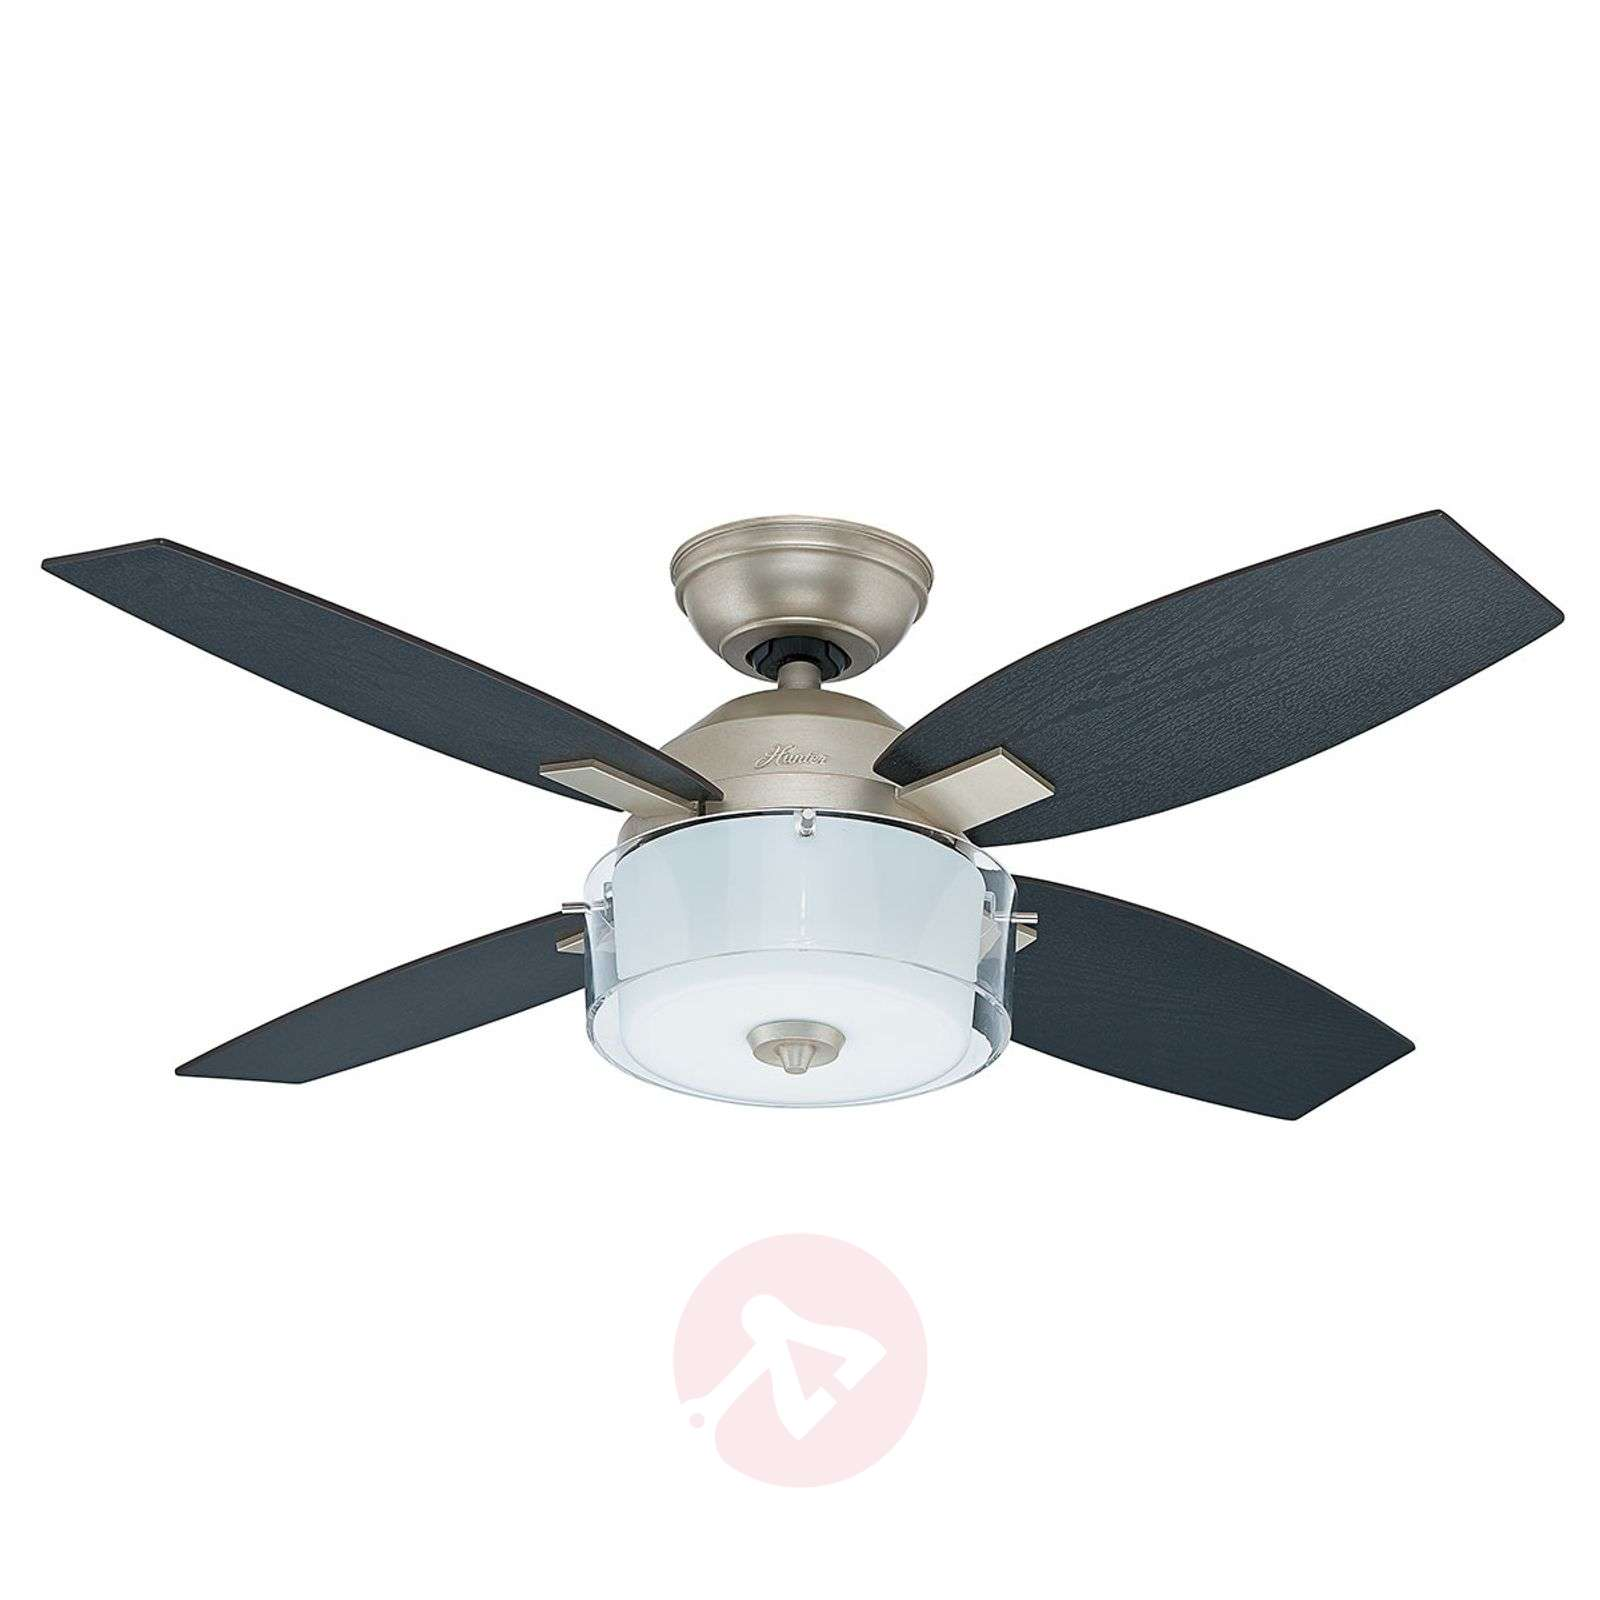 Hunter Central Park illuminated ceiling fan-4545016-01